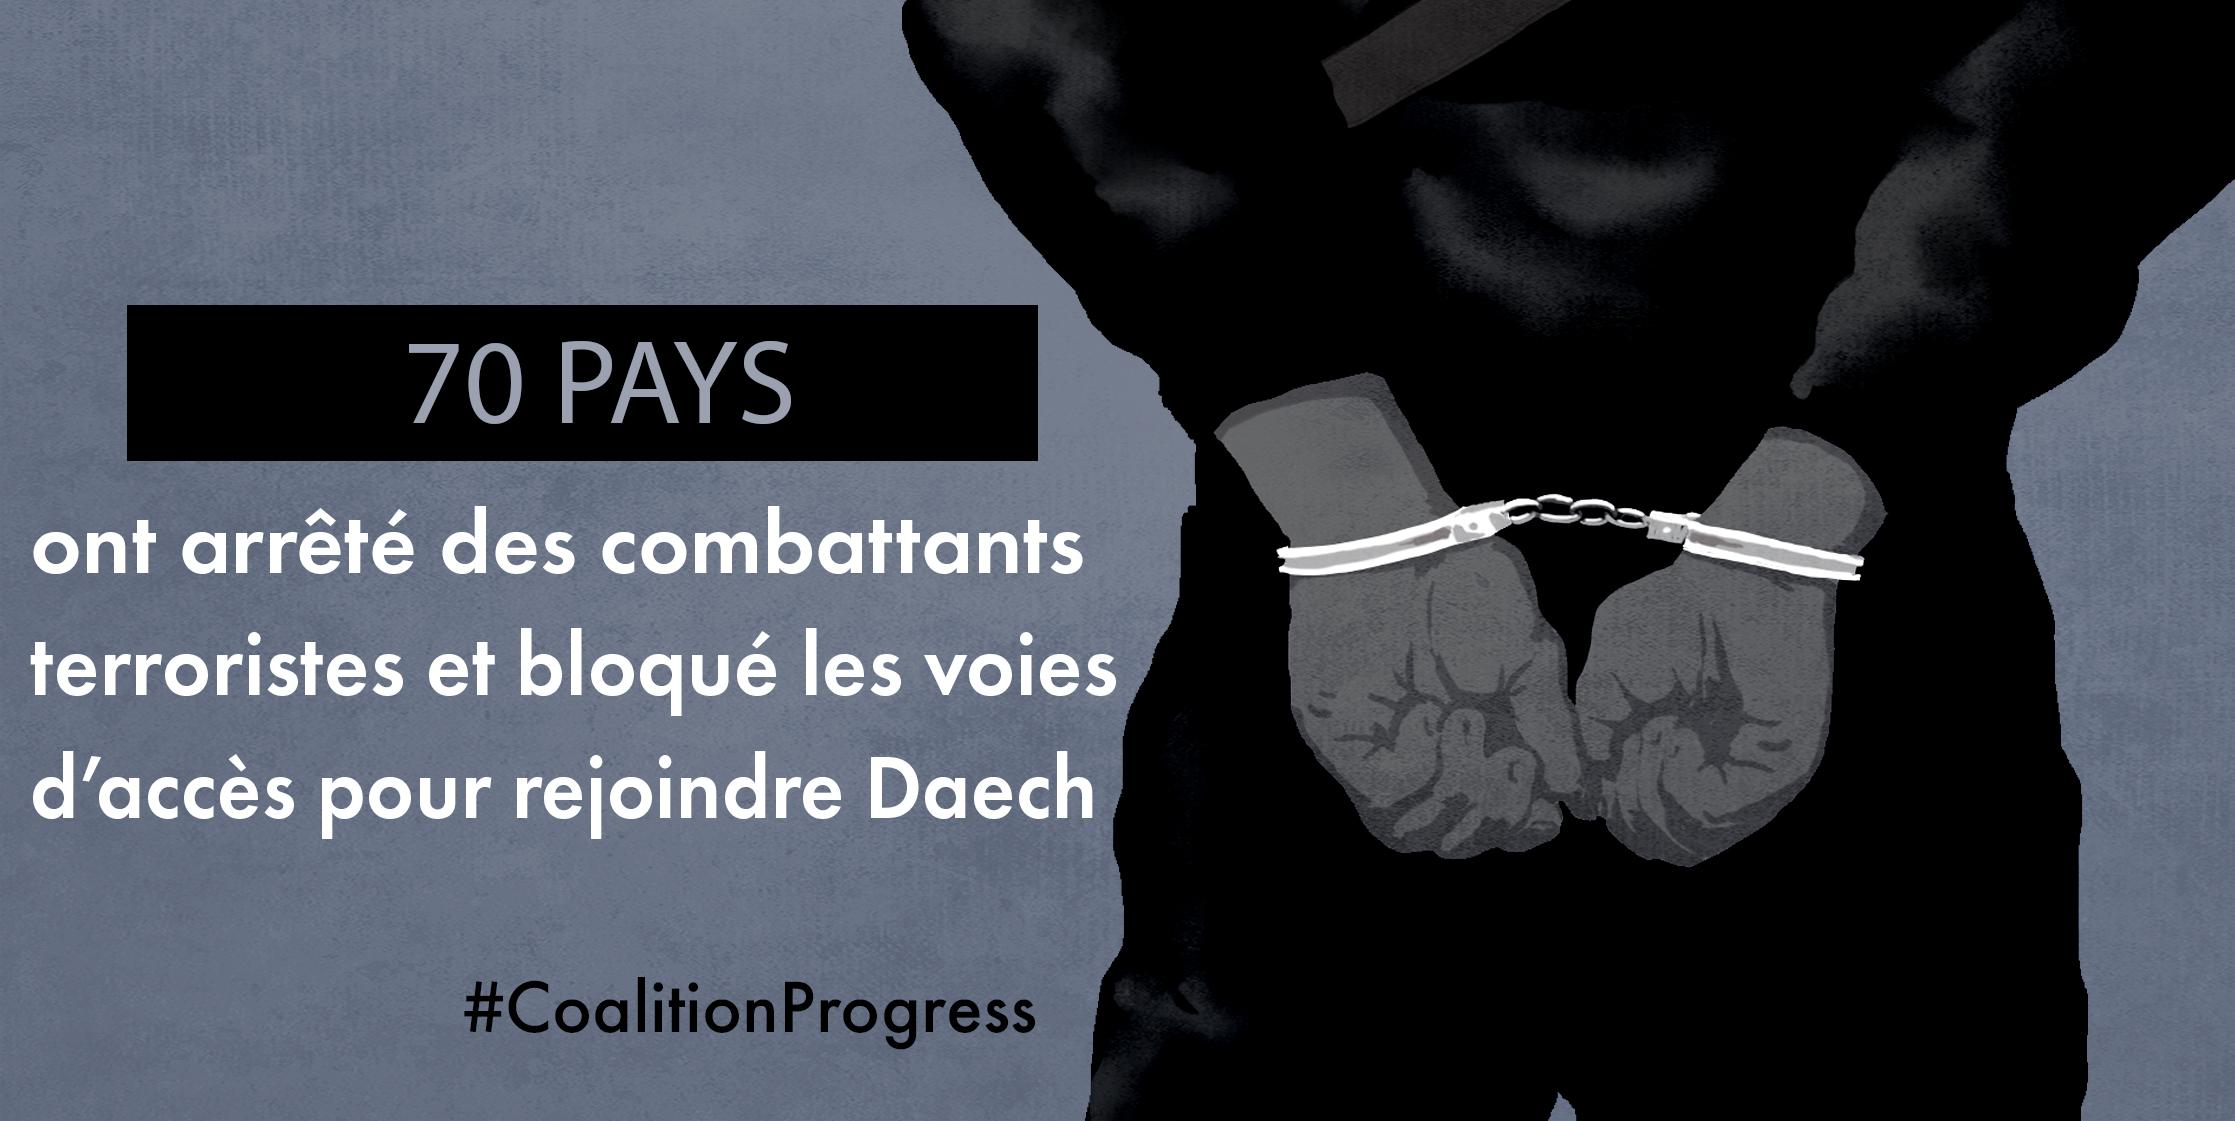 Dessin d'une personne, de dos, les mains menottées, avec la phrase: «70 pays ont arrêté des combattants terroristes et bloqué les voies d'accès pour rejoindre Daech.» (Département d'État/D. Thompson)